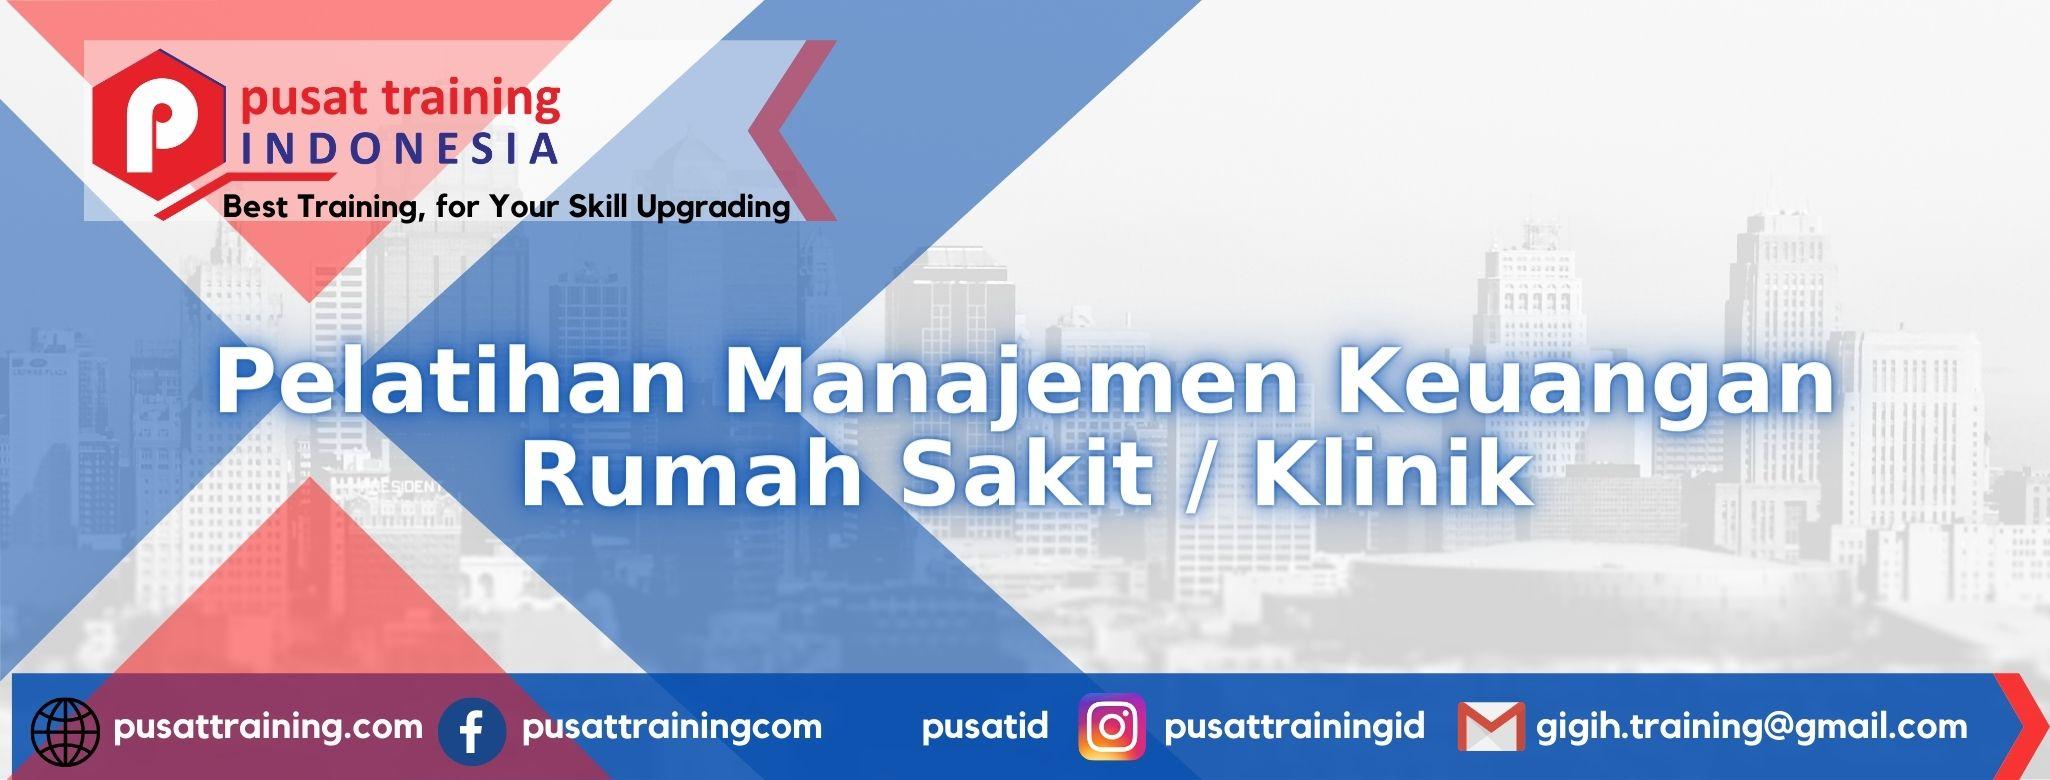 Pelatihan-Manajemen-Keuangan-Rumah-Sakit-Klinik